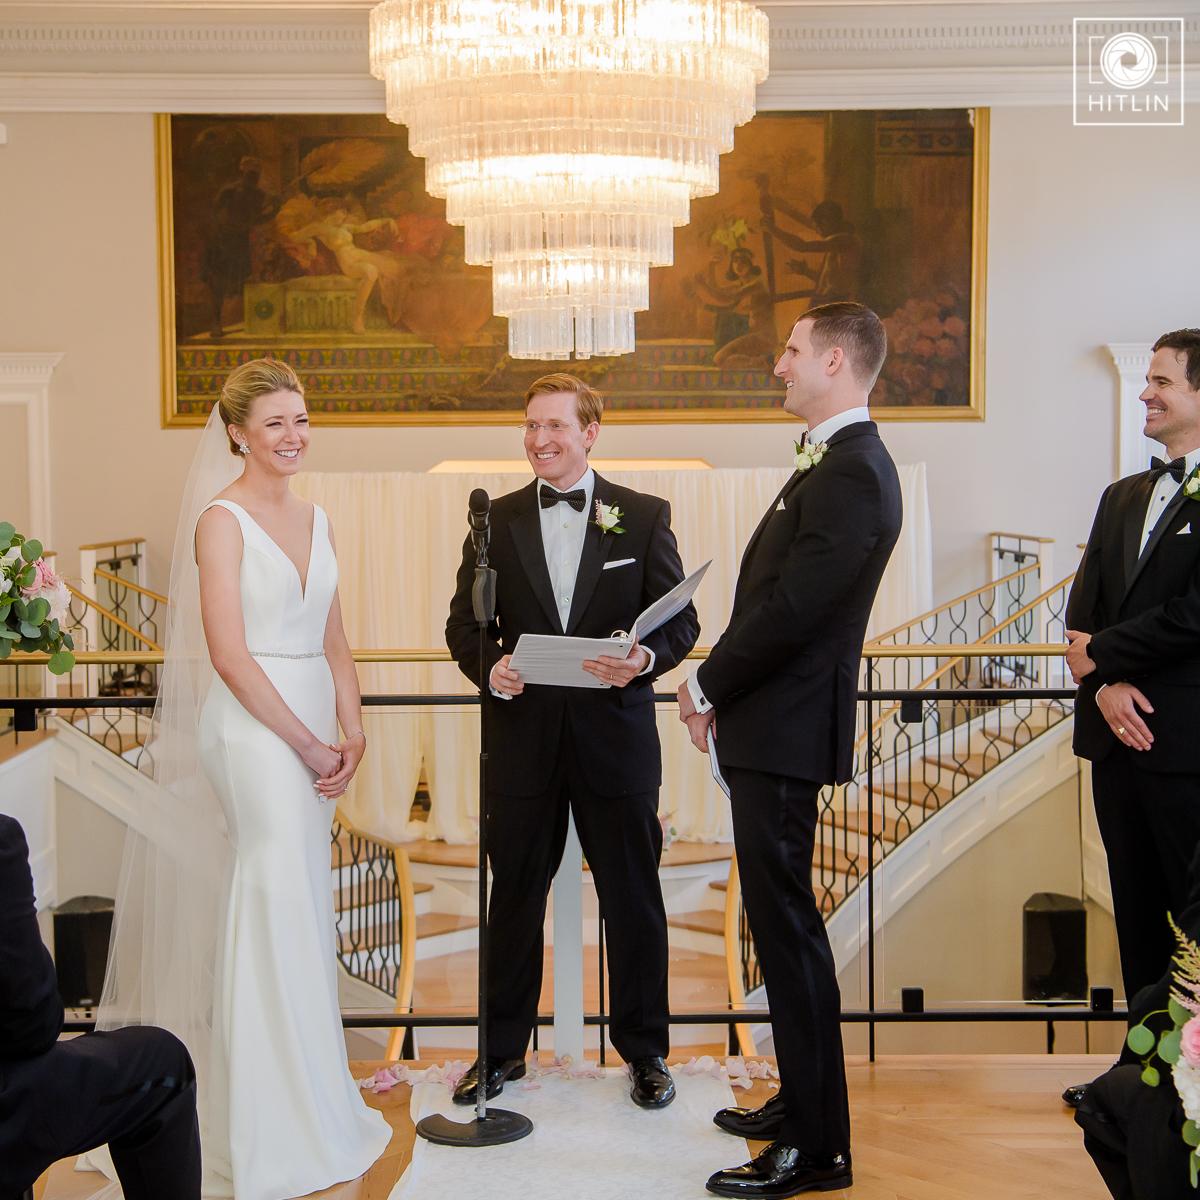 kenmore ballroom wedding photos_010_1799